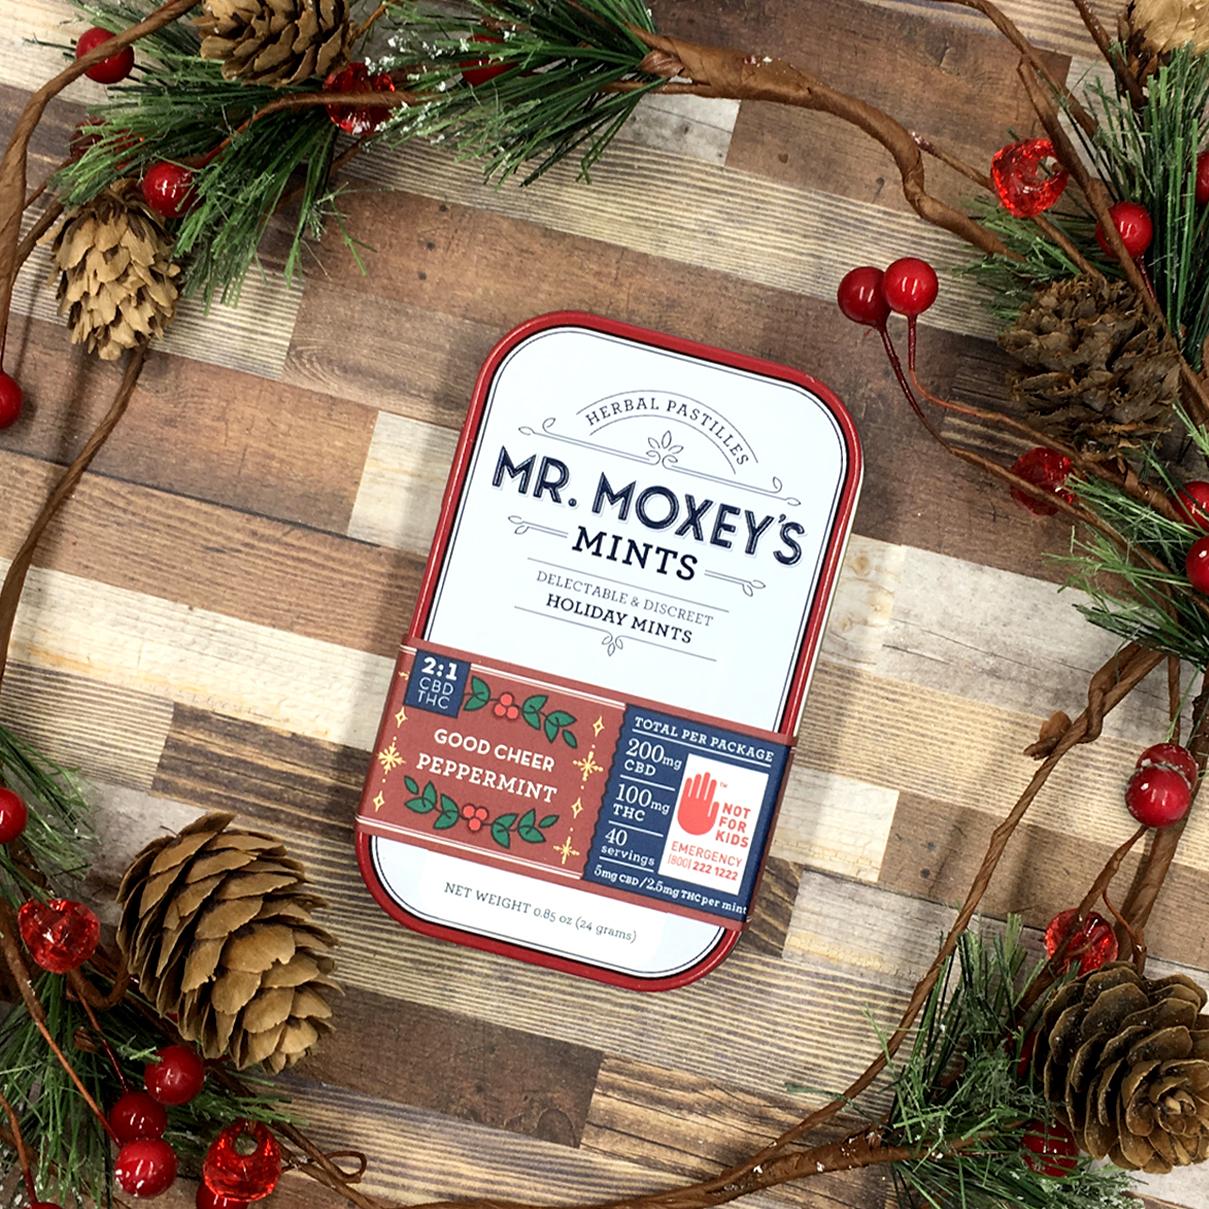 WA_Holiday_MoxeysMints2018_Wood_Wreath.jpg